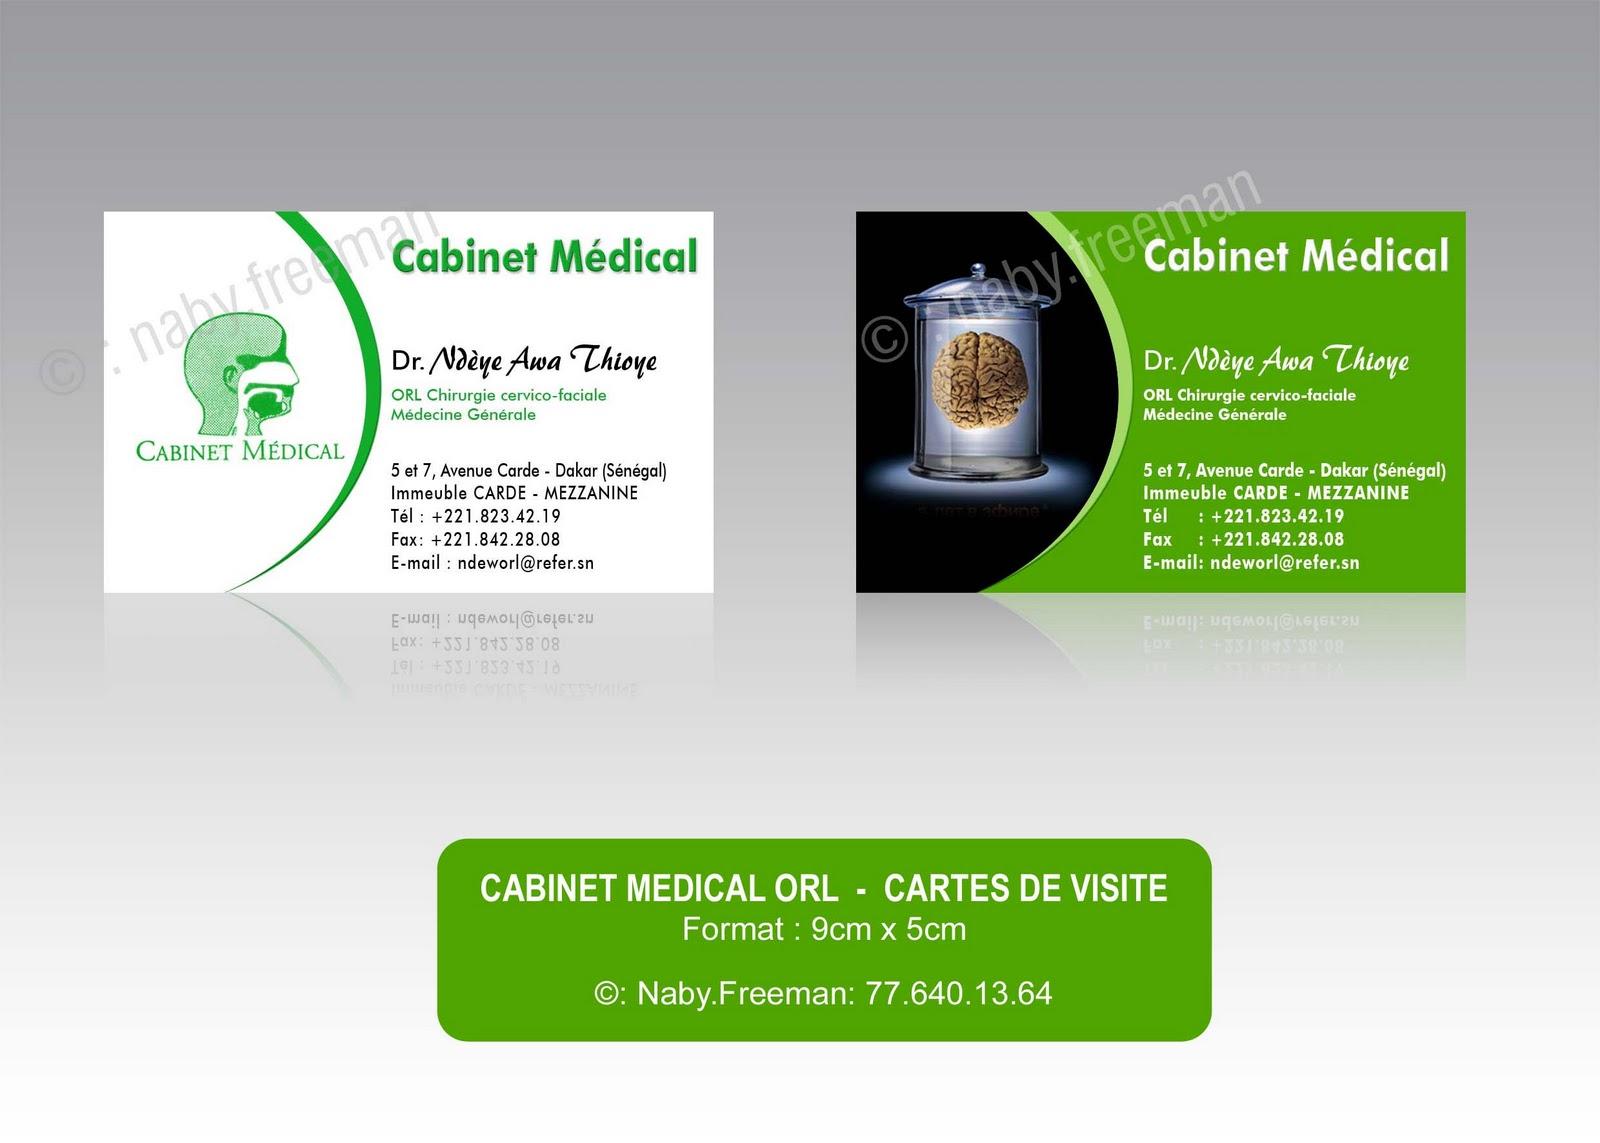 Ralisation De Cartes Visite Pour Cabinet Mdical ORL